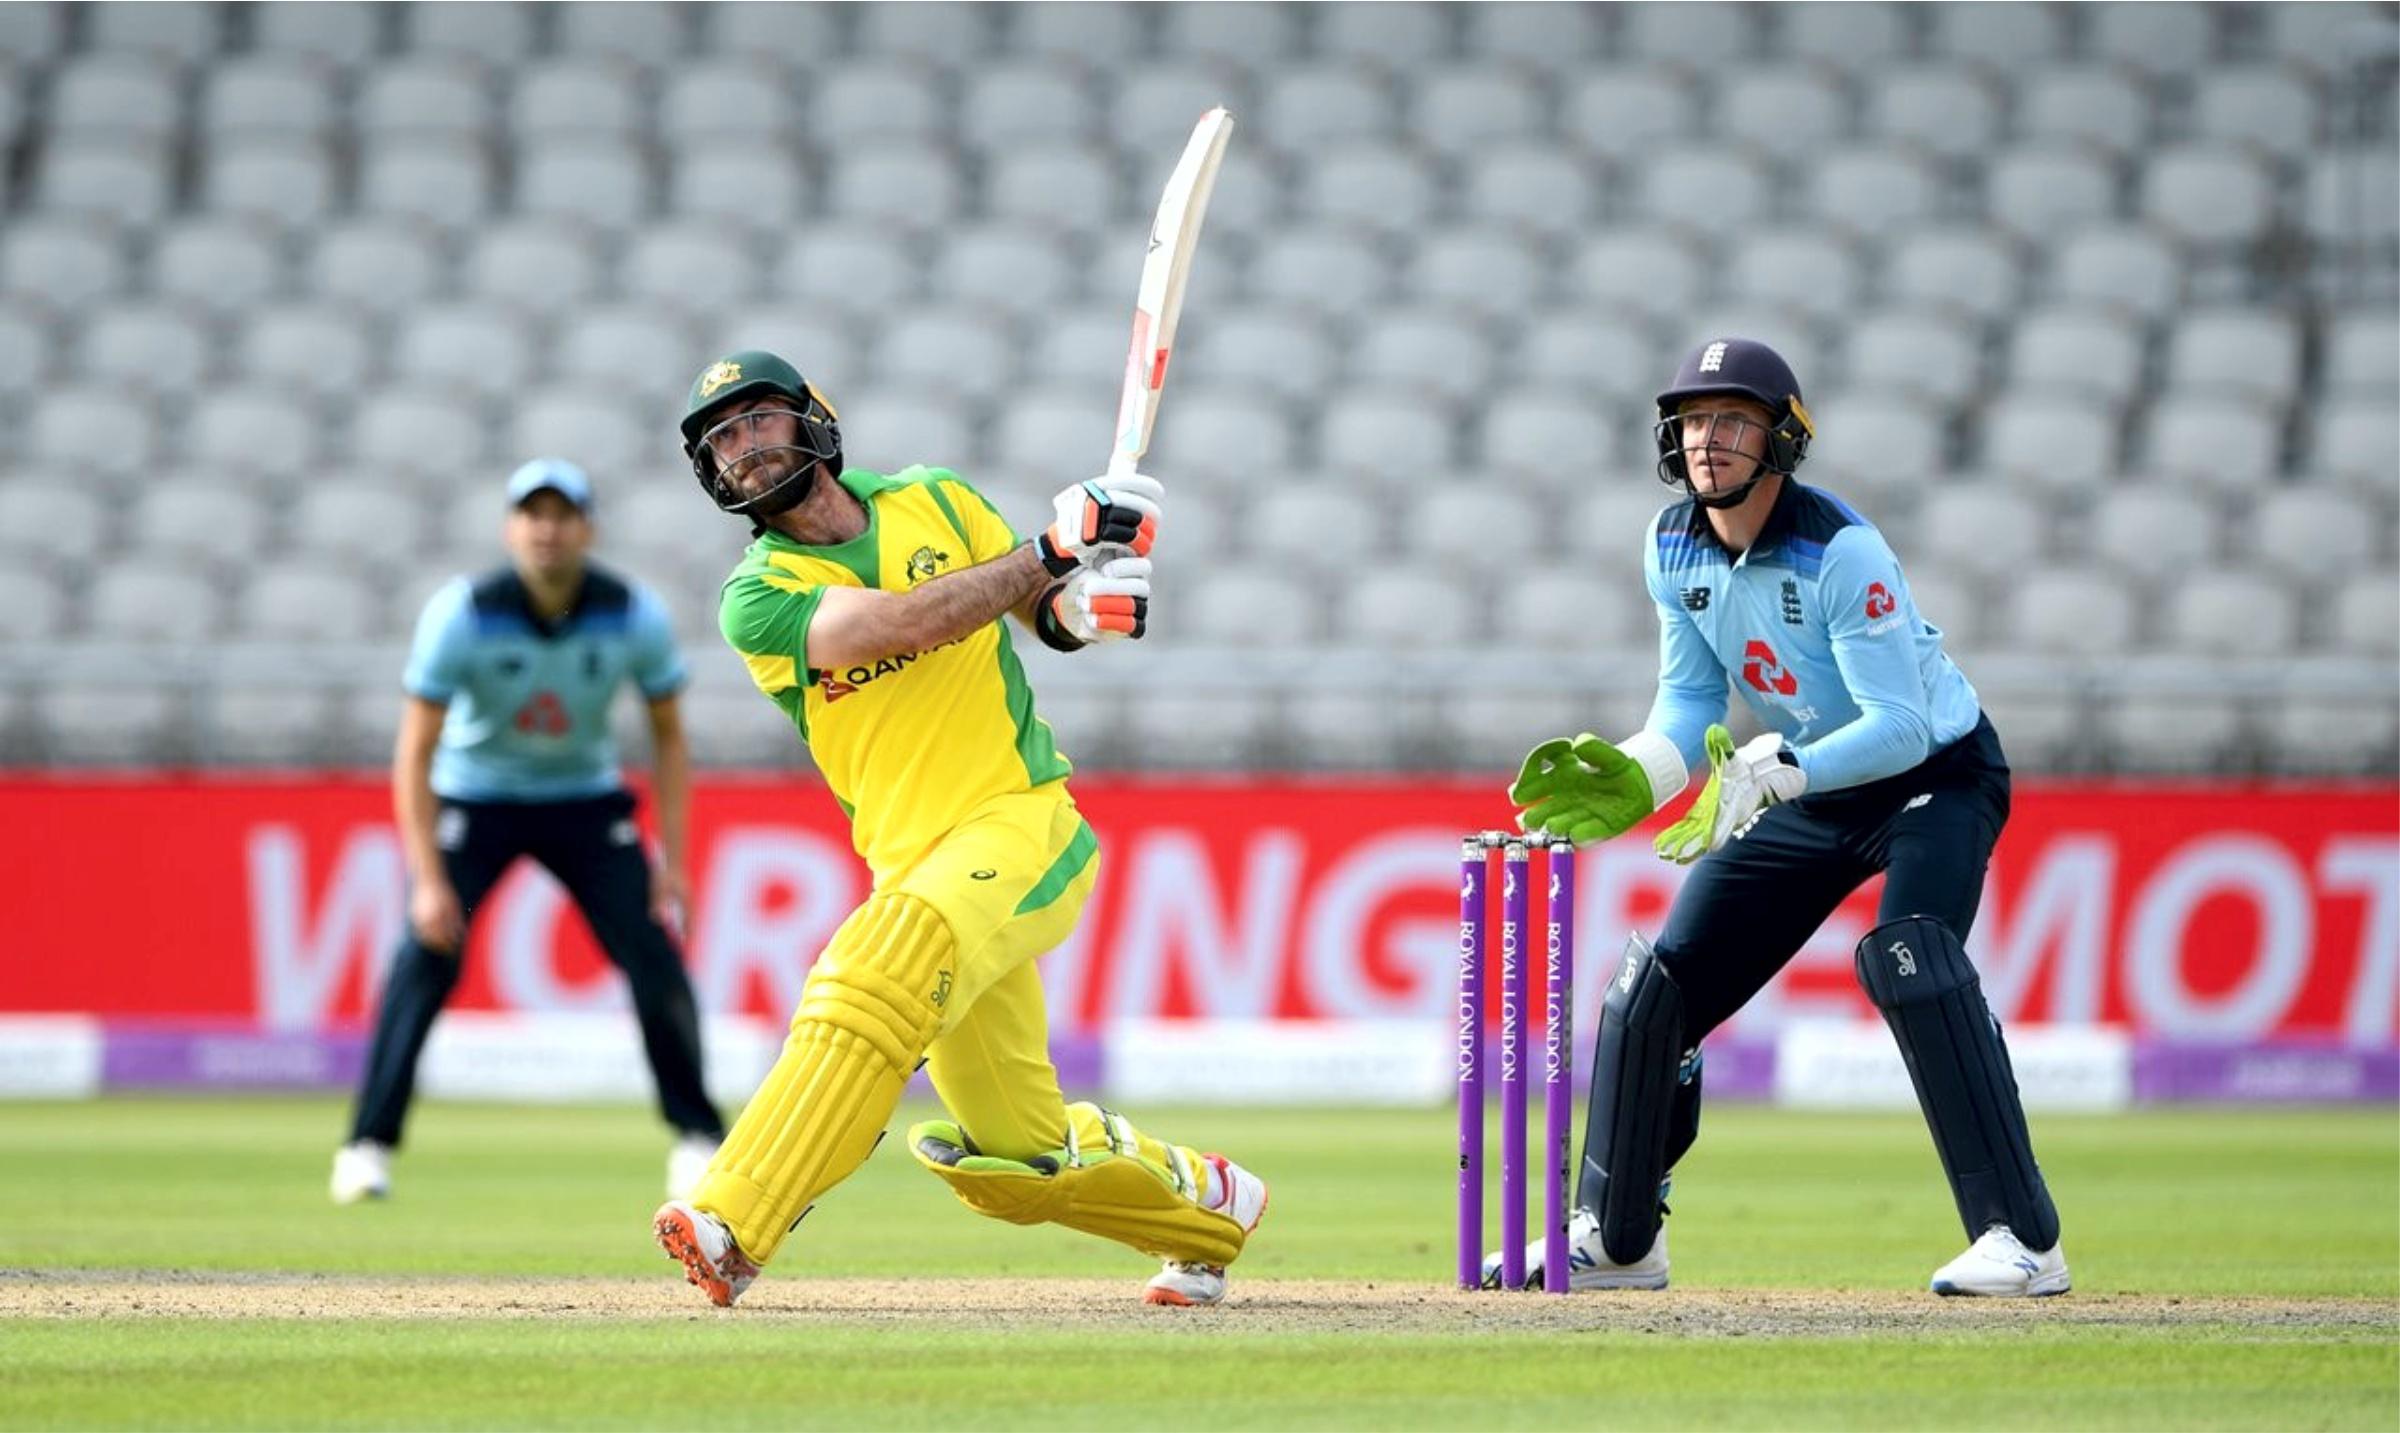 इंग्ल्यान्ड र अष्ट्रेलियाबीचको अन्तिम तथा निर्णायक एकदिवसीय क्रिकेट आज